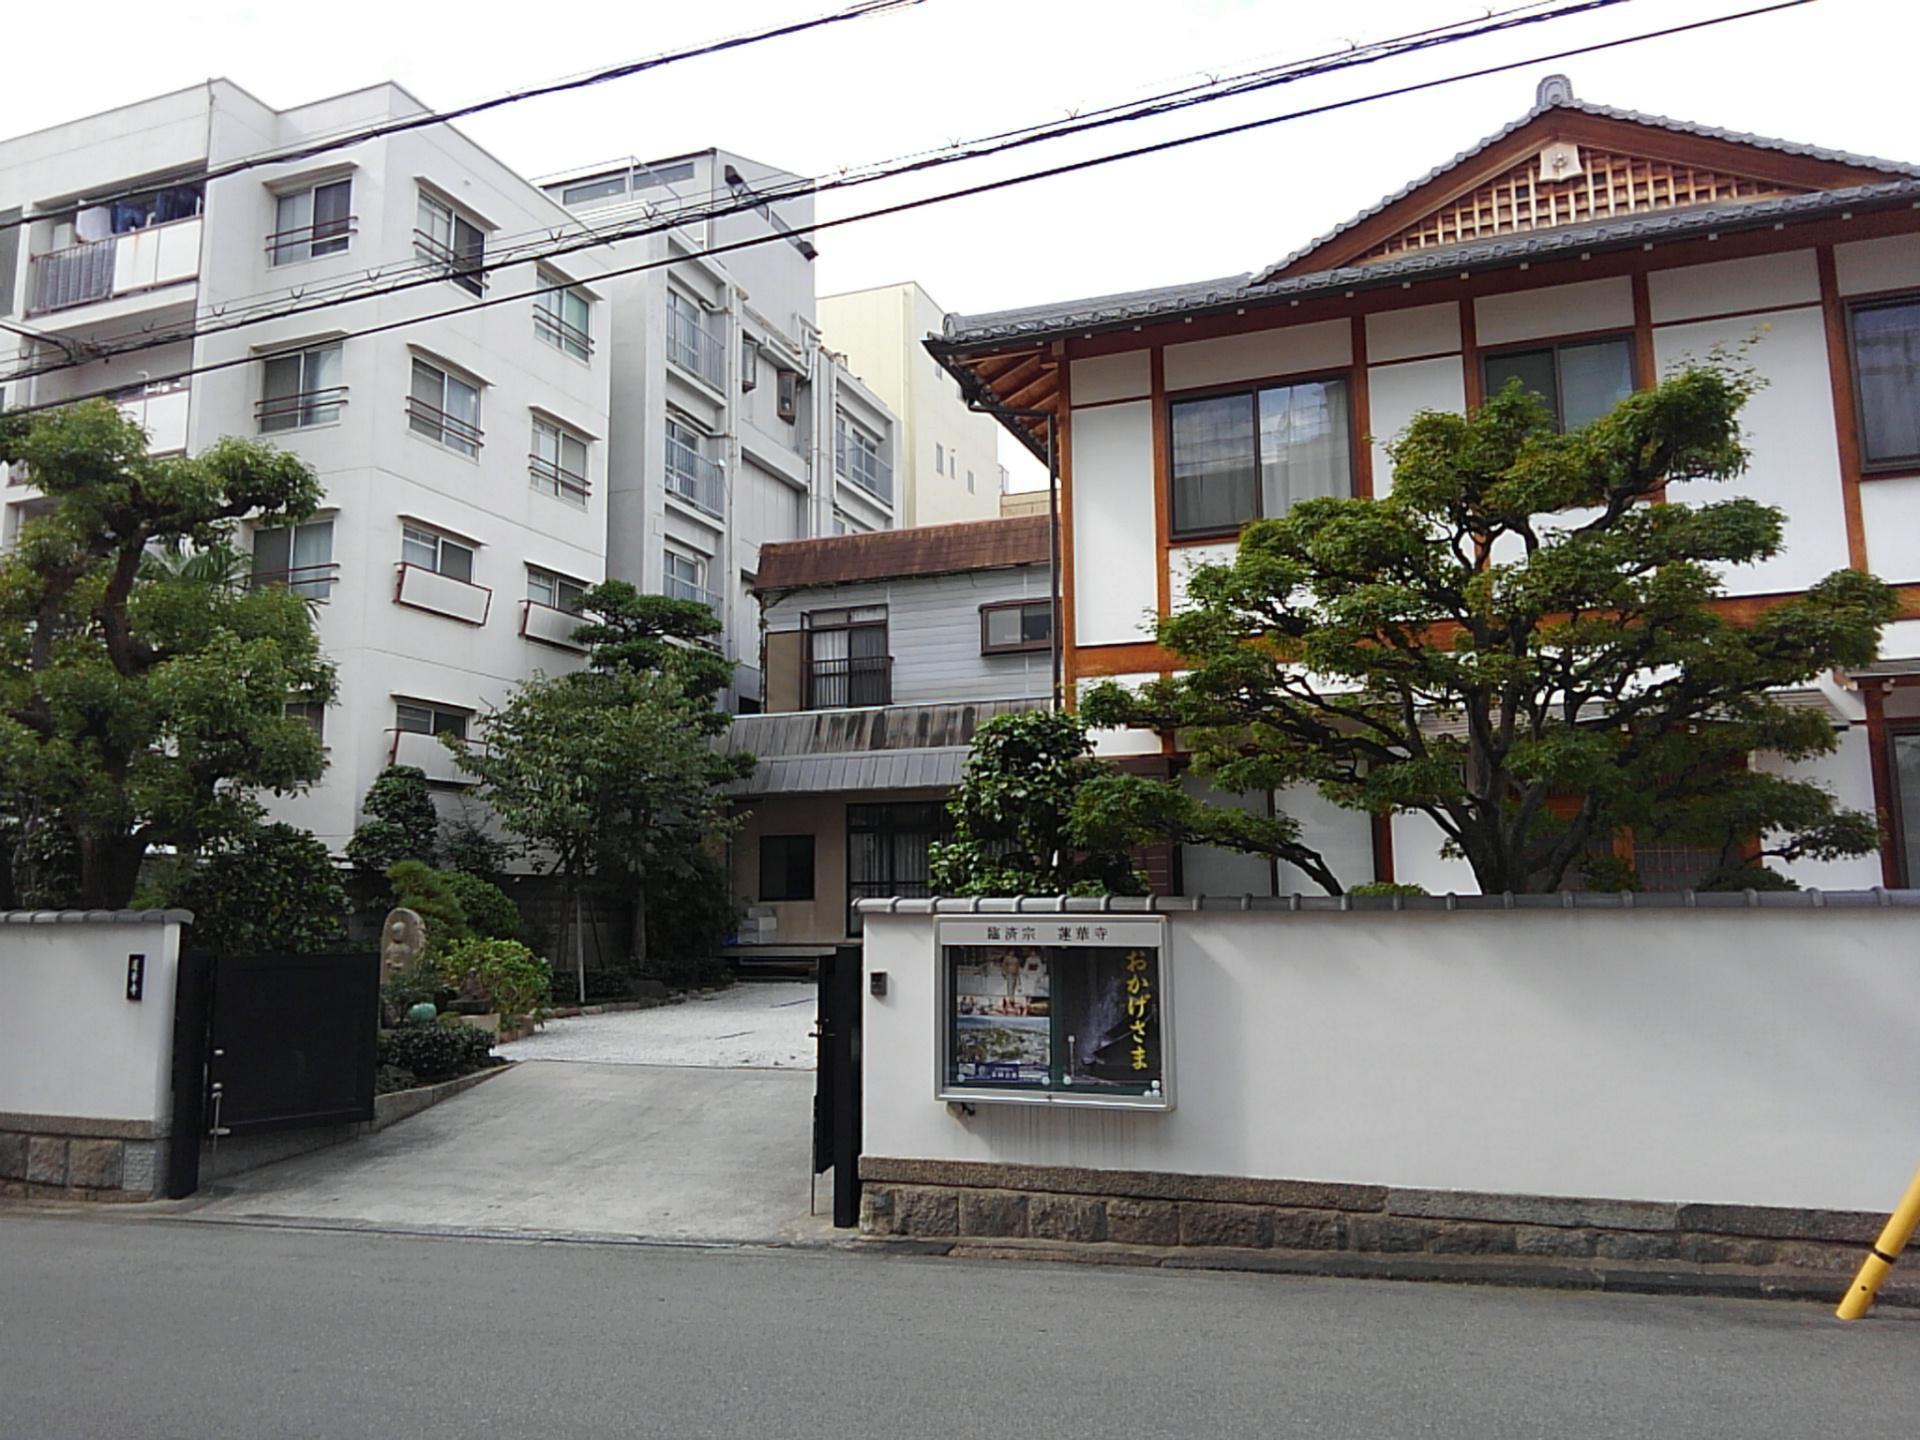 蓮華寺の建物その他